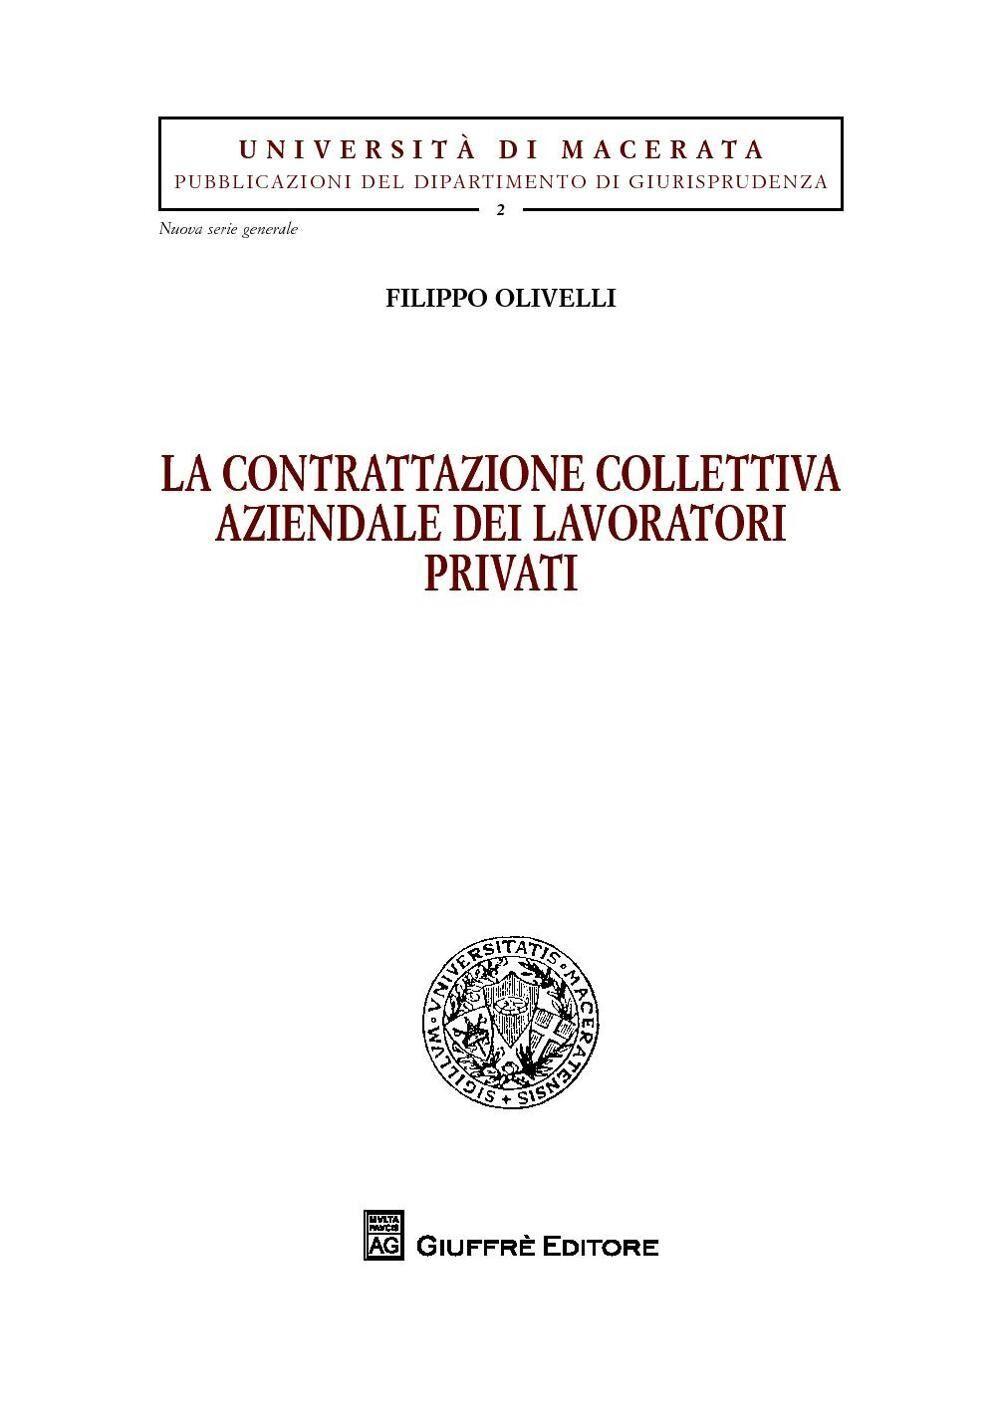 La contrattazione collettiva aziendale dei lavoratori privati